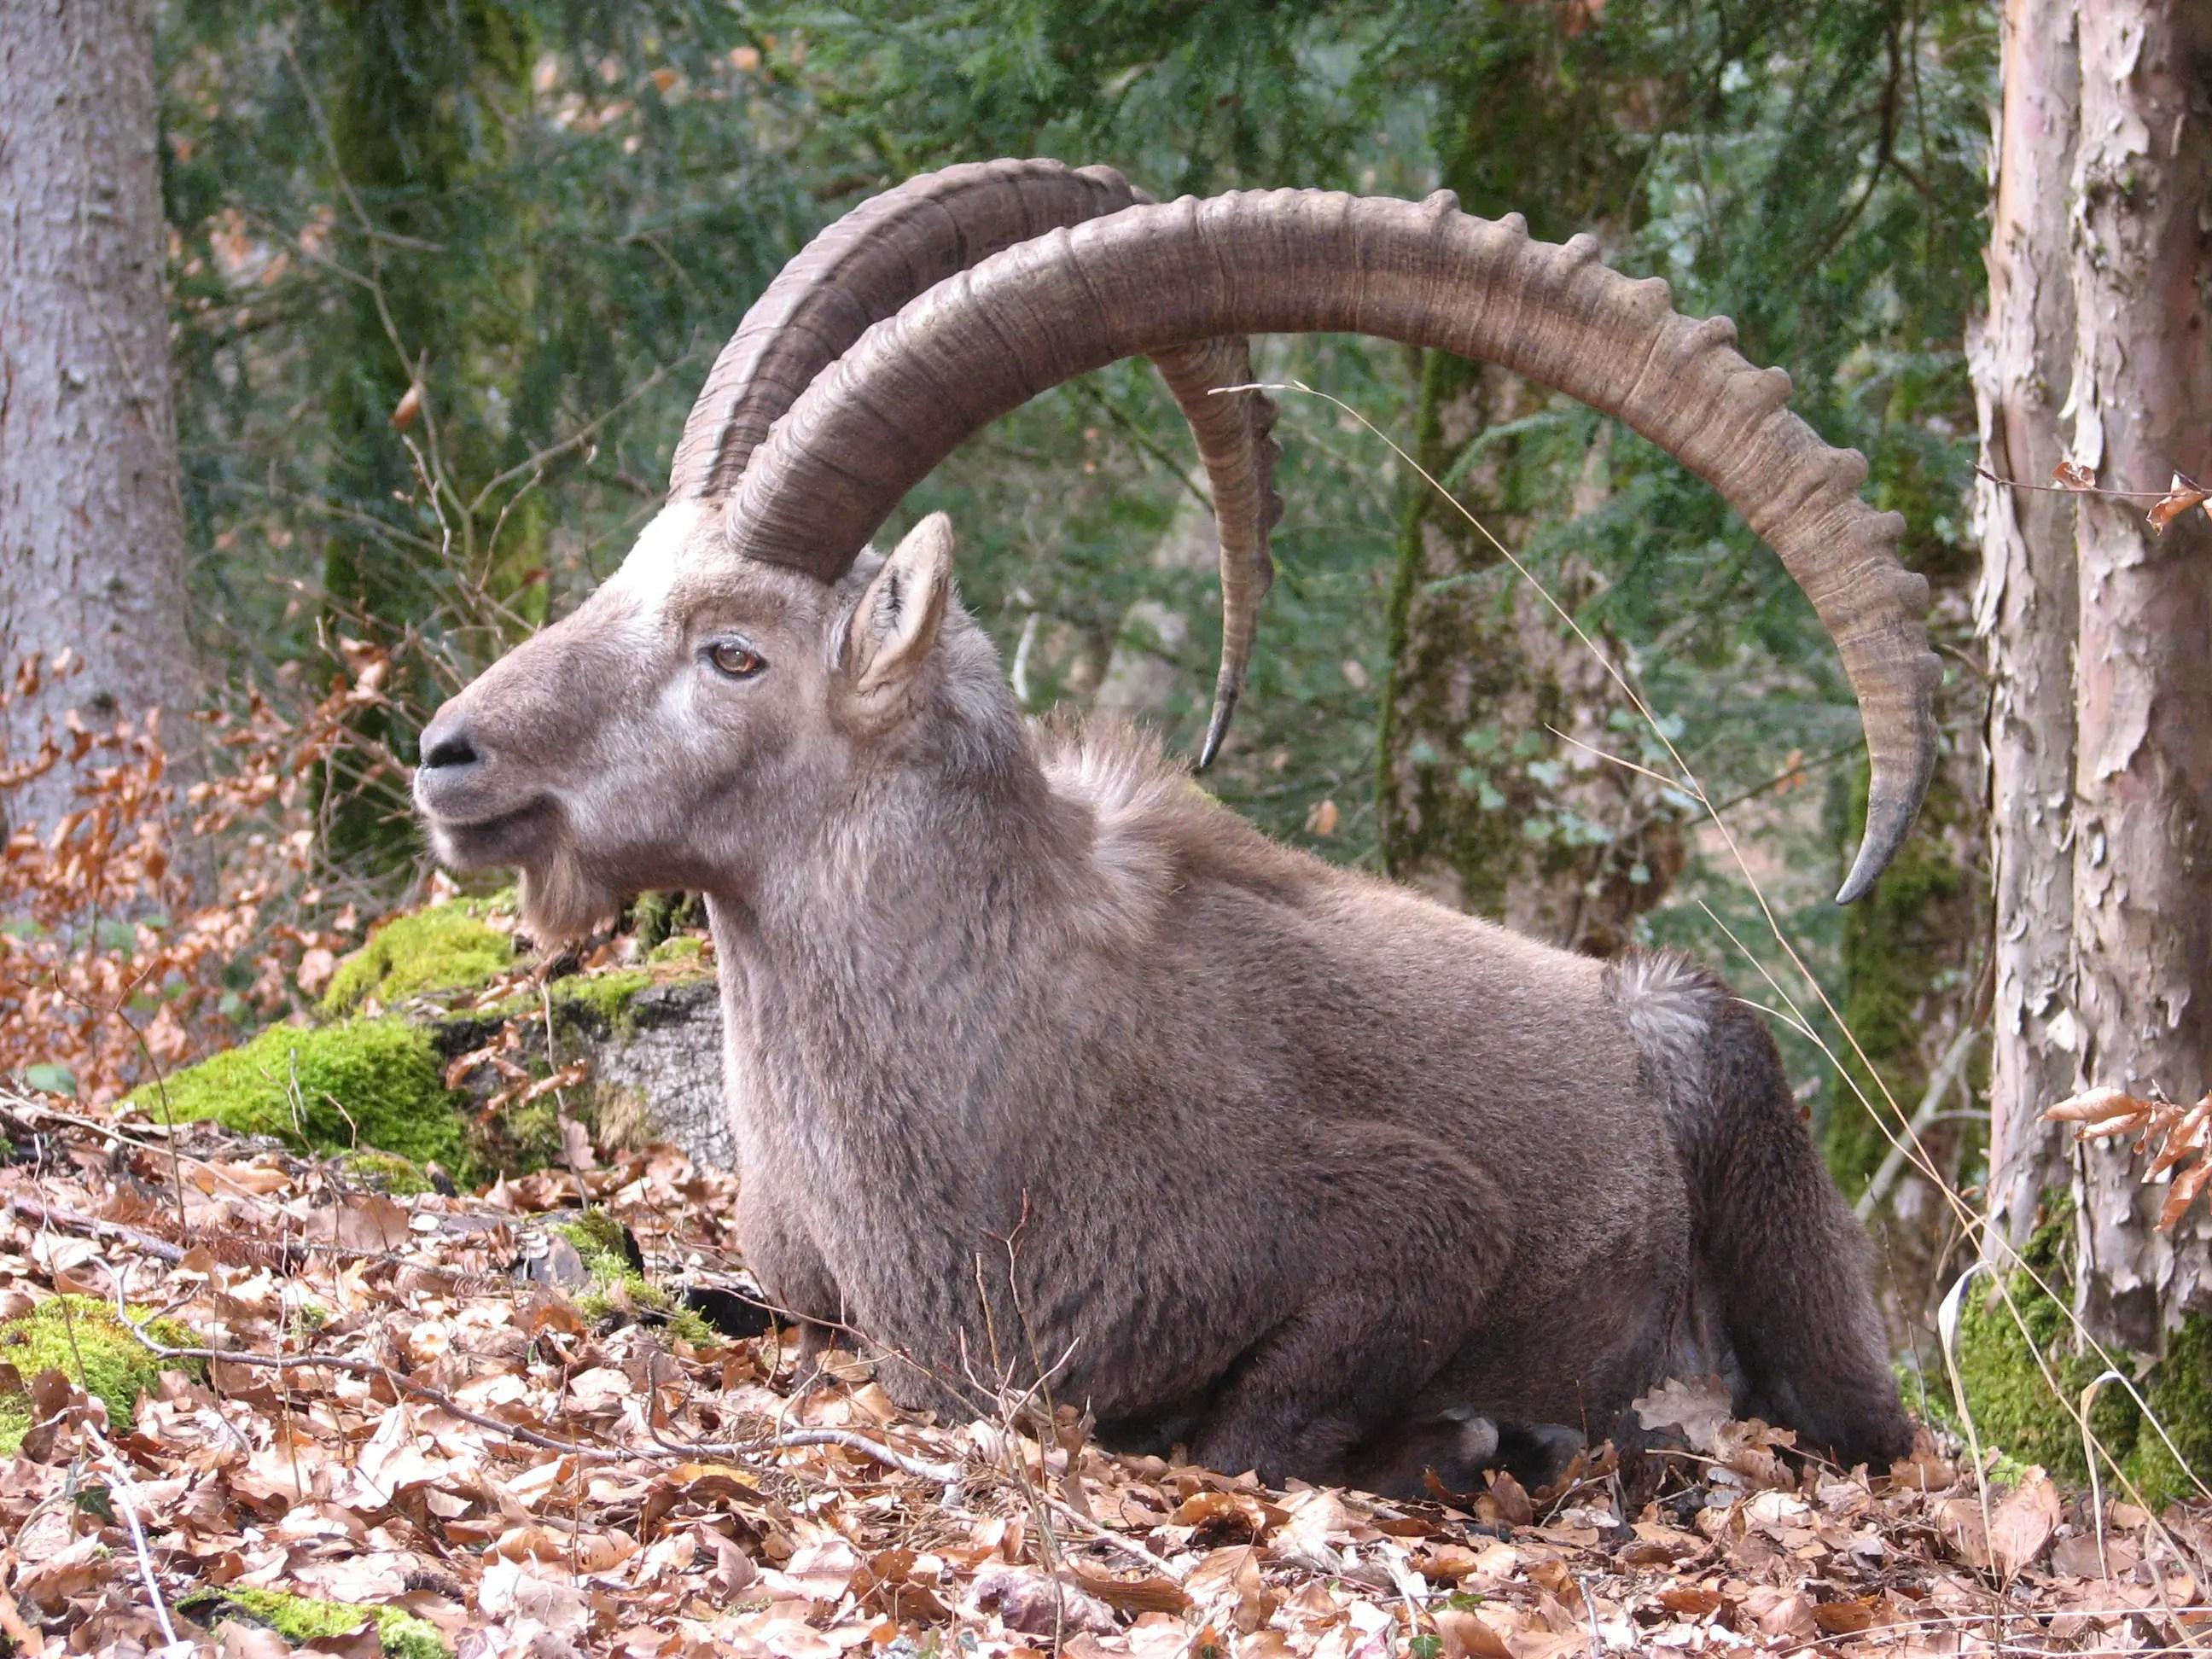 https://i0.wp.com/animais.culturamix.com/blog/wp-content/gallery/cabrito-montes2/cabrito-montes-4.jpg